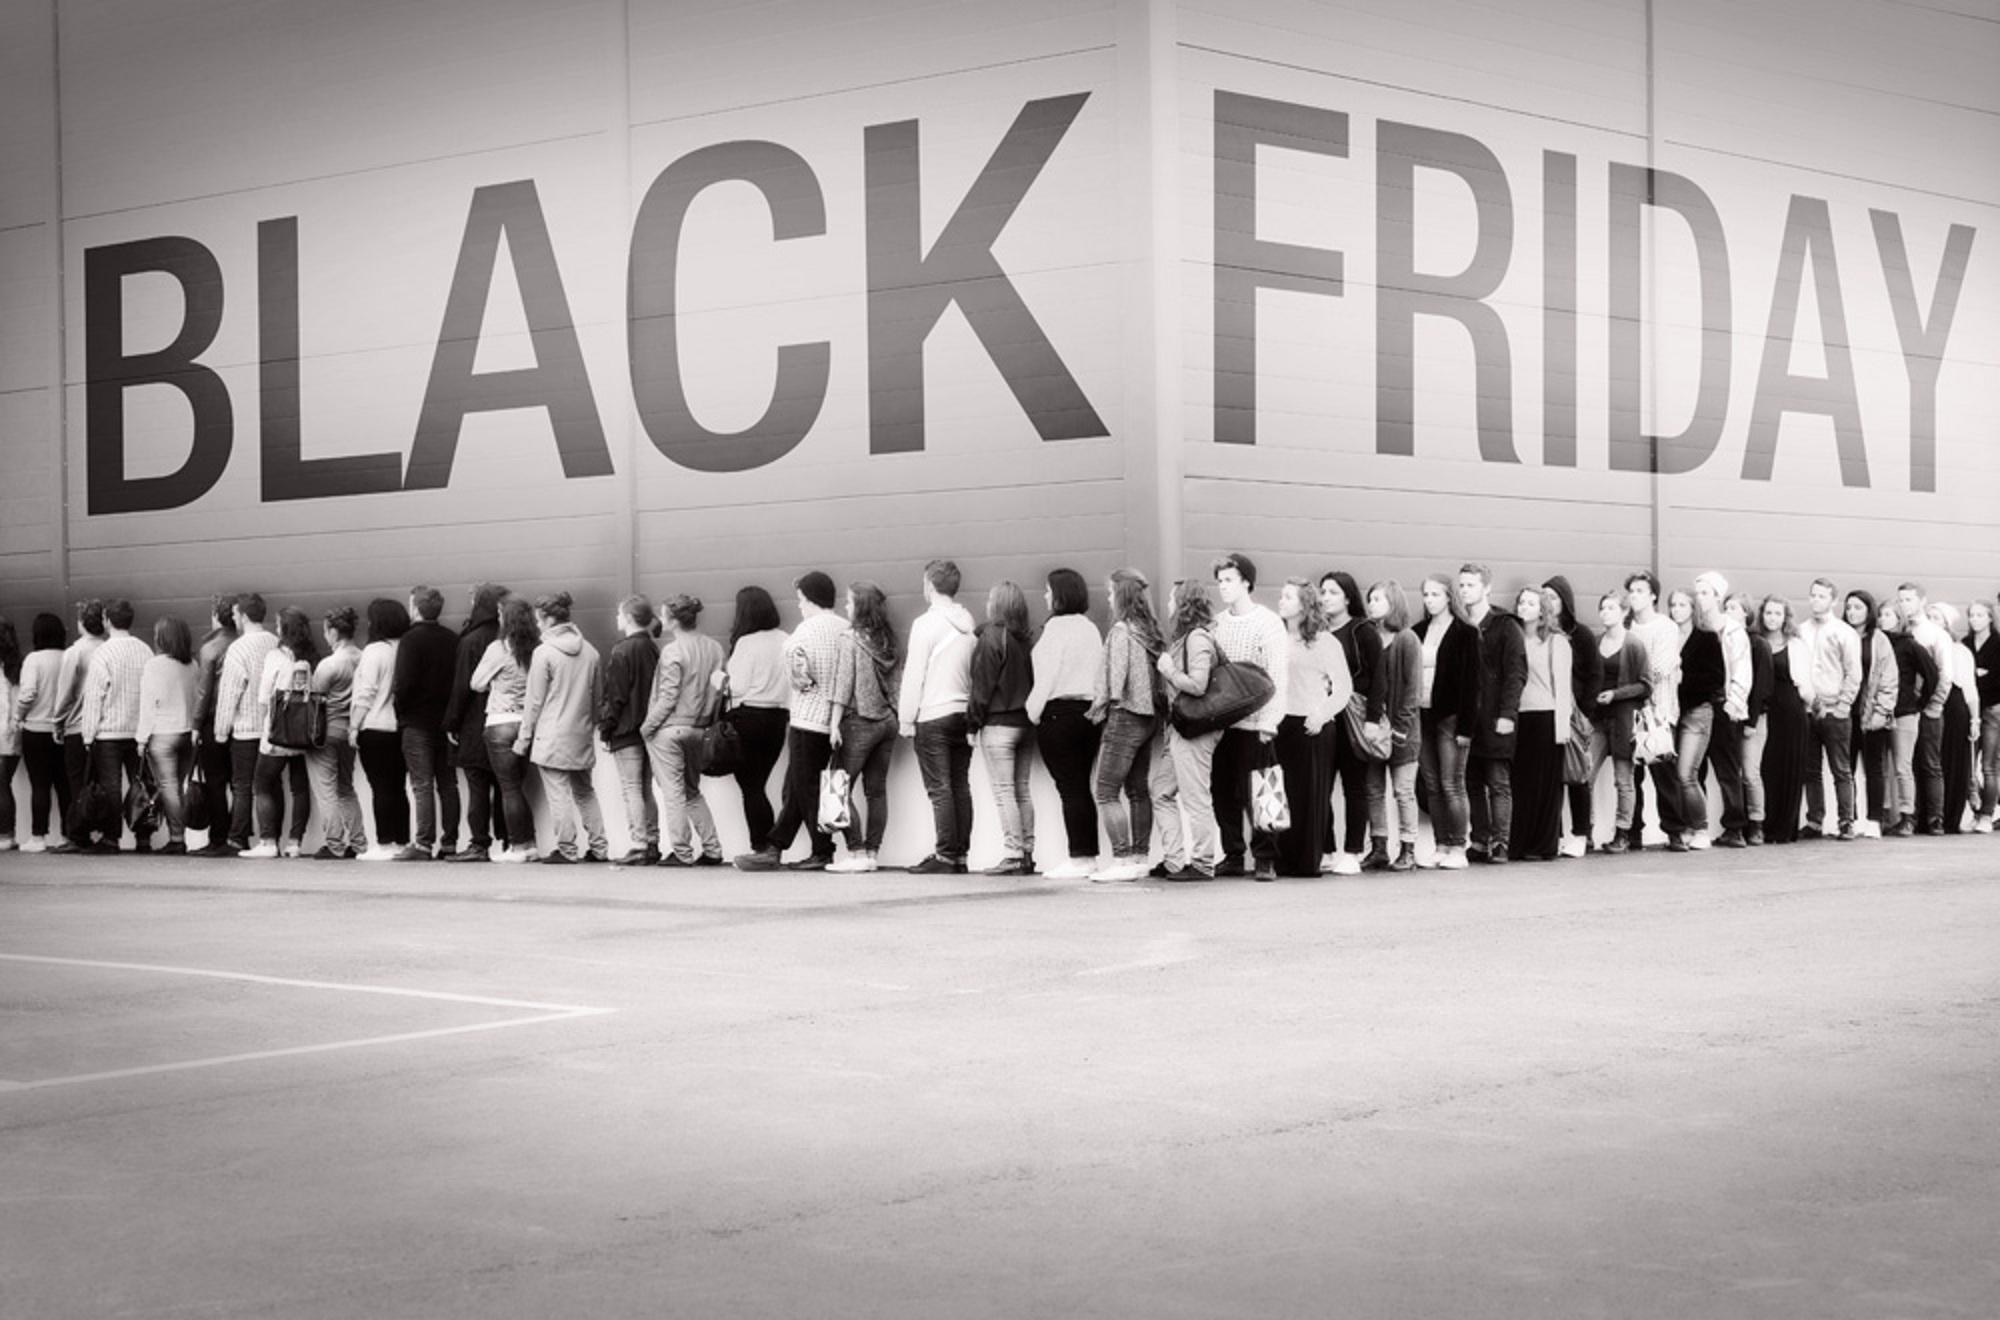 Black Friday  inmobiliario: Casaktua ofrece 250 inmuebles de 85 m2 por menos de 250 euros al mes